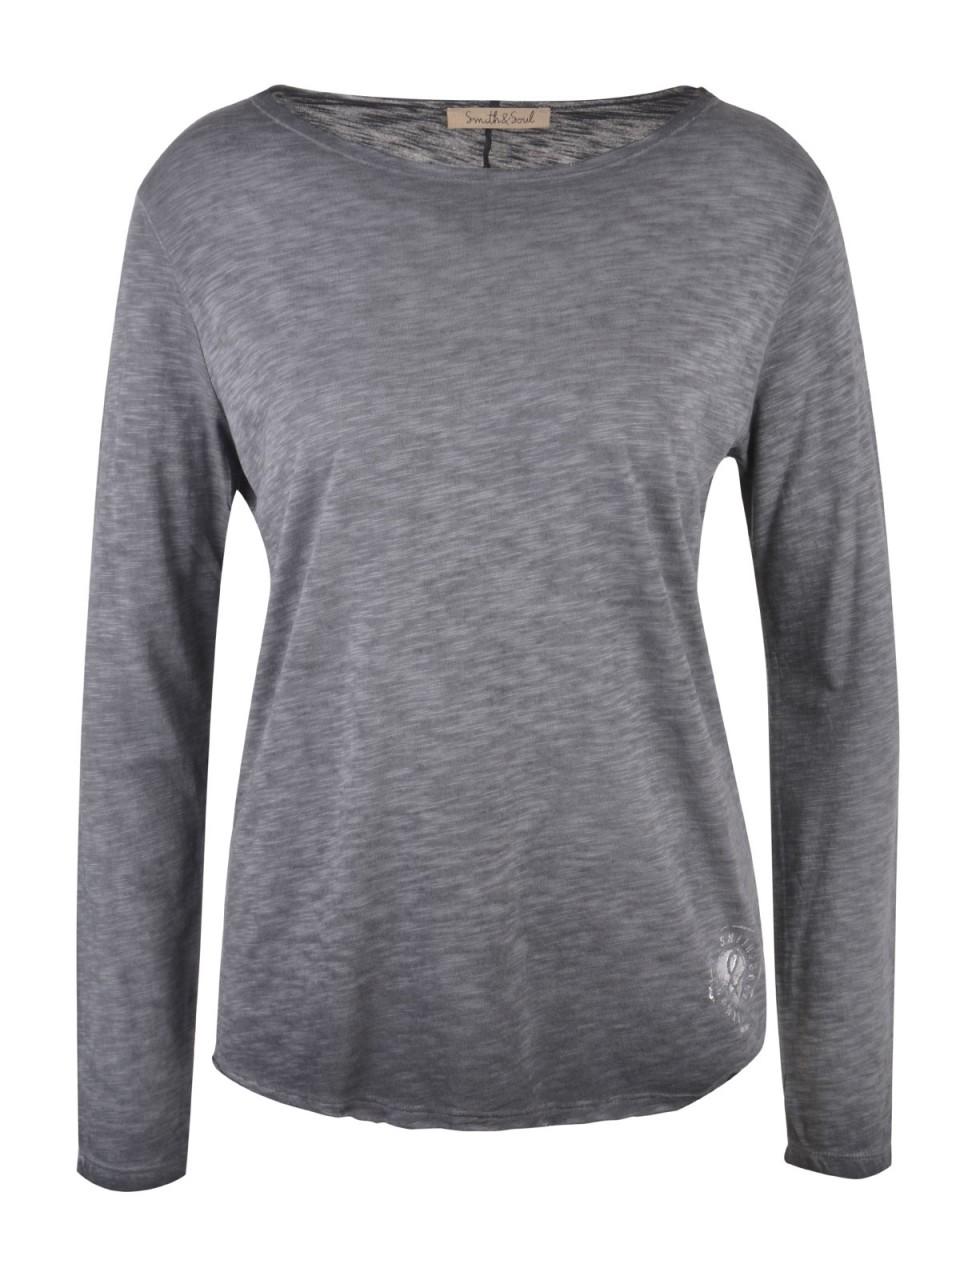 smith-amp-soul-damen-shirt-grau